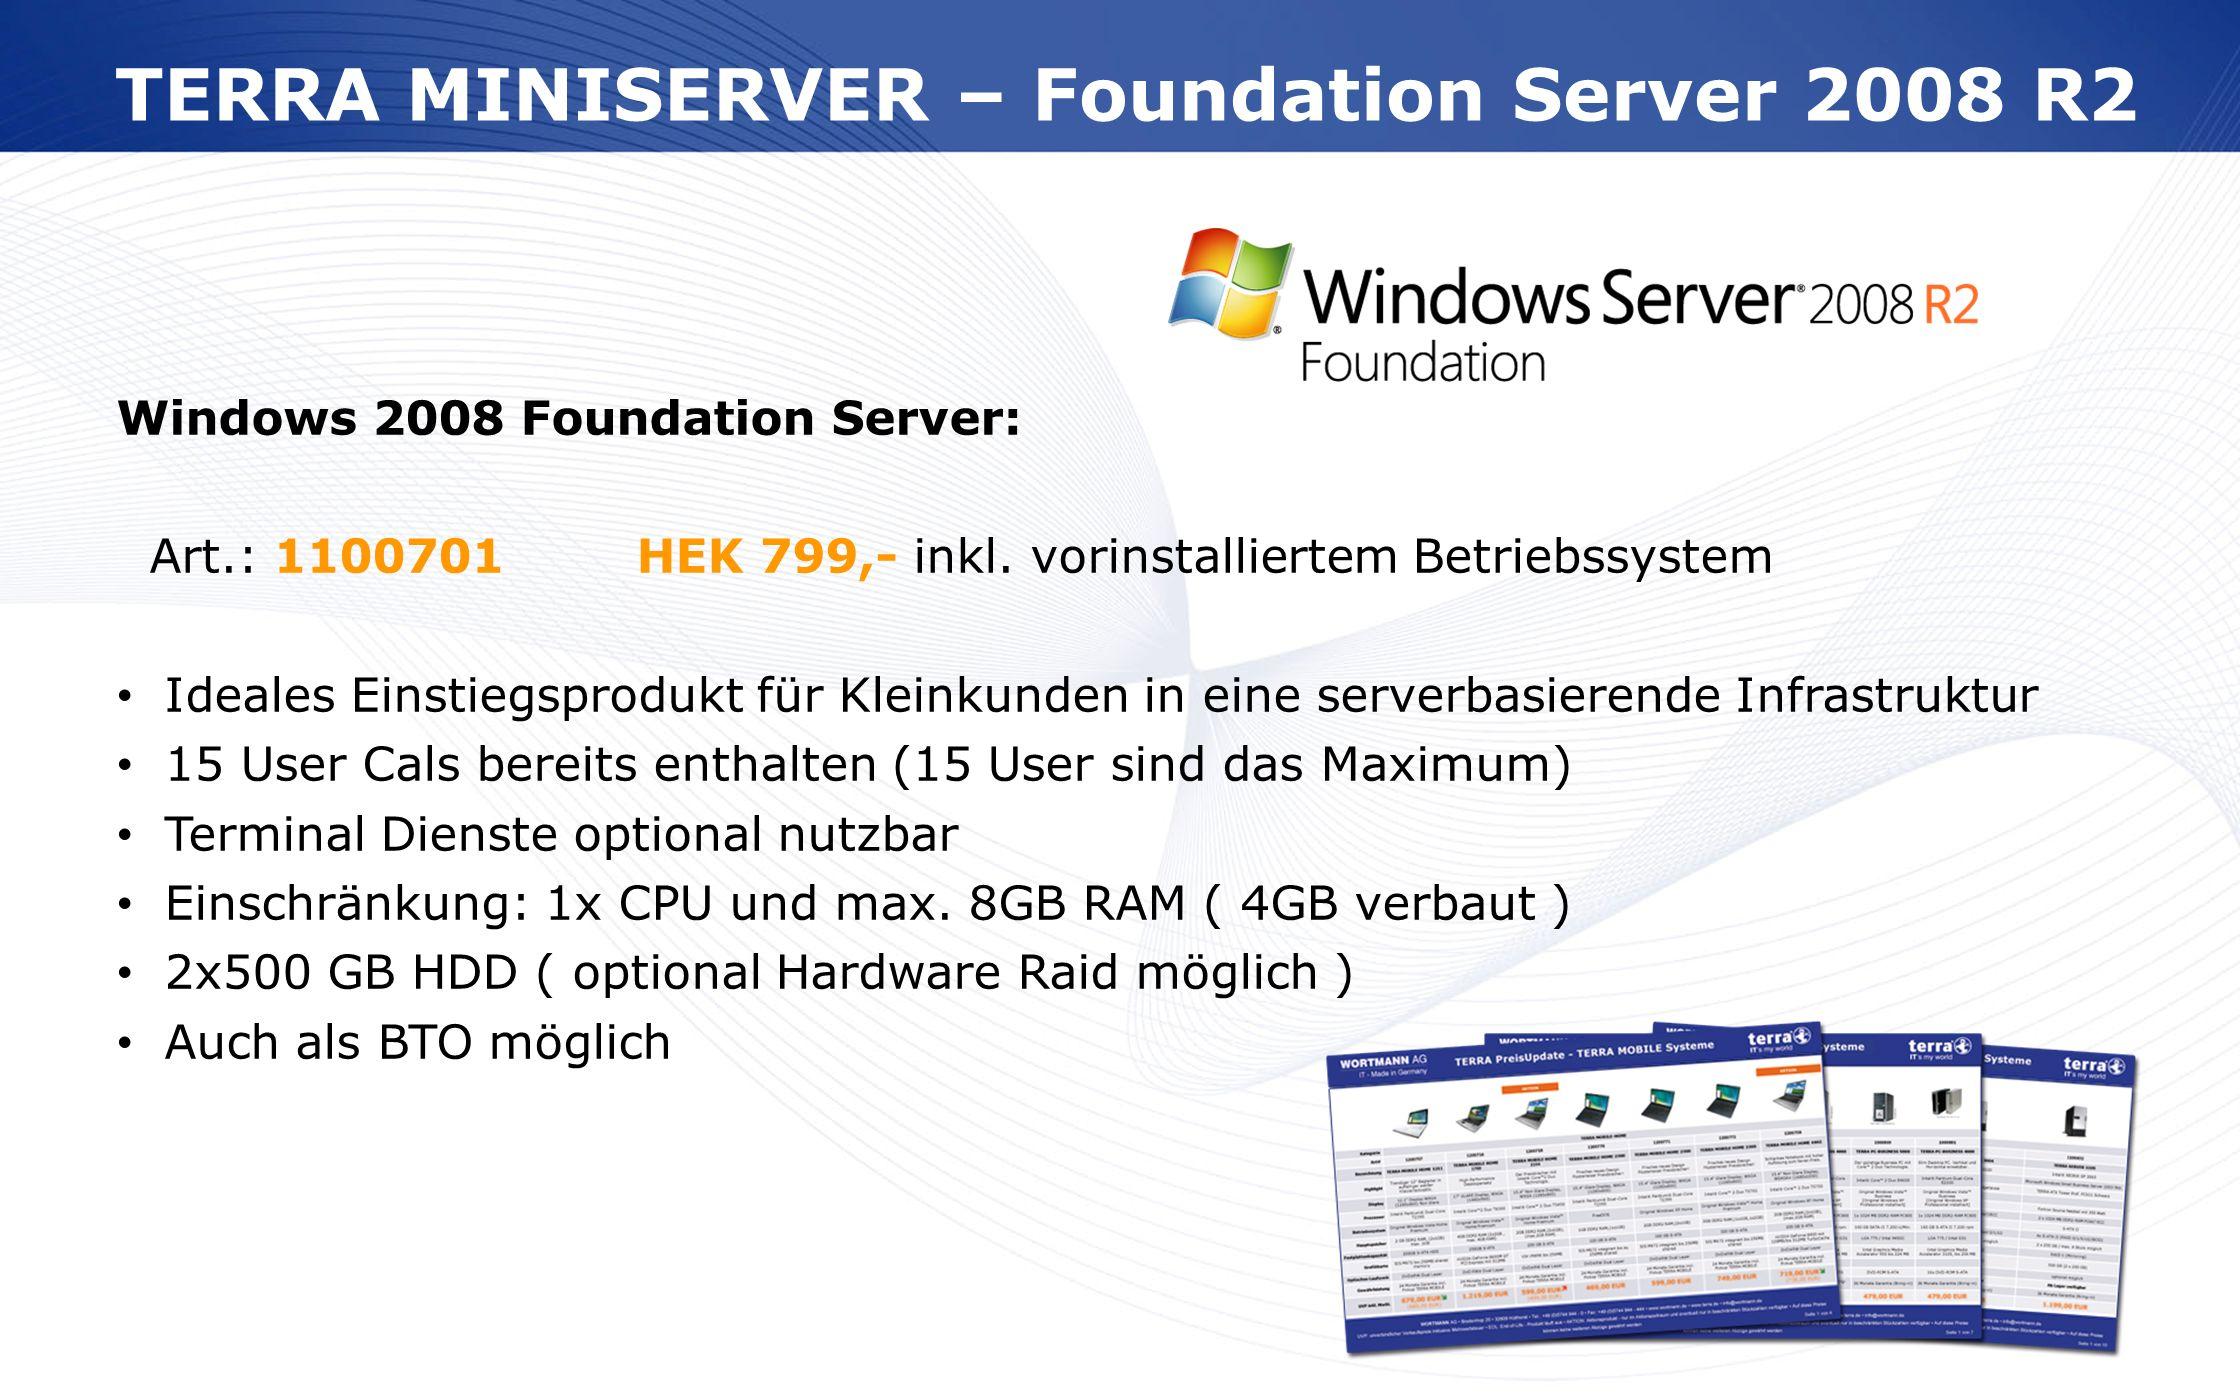 TERRA MINISERVER – Foundation Server 2008 R2